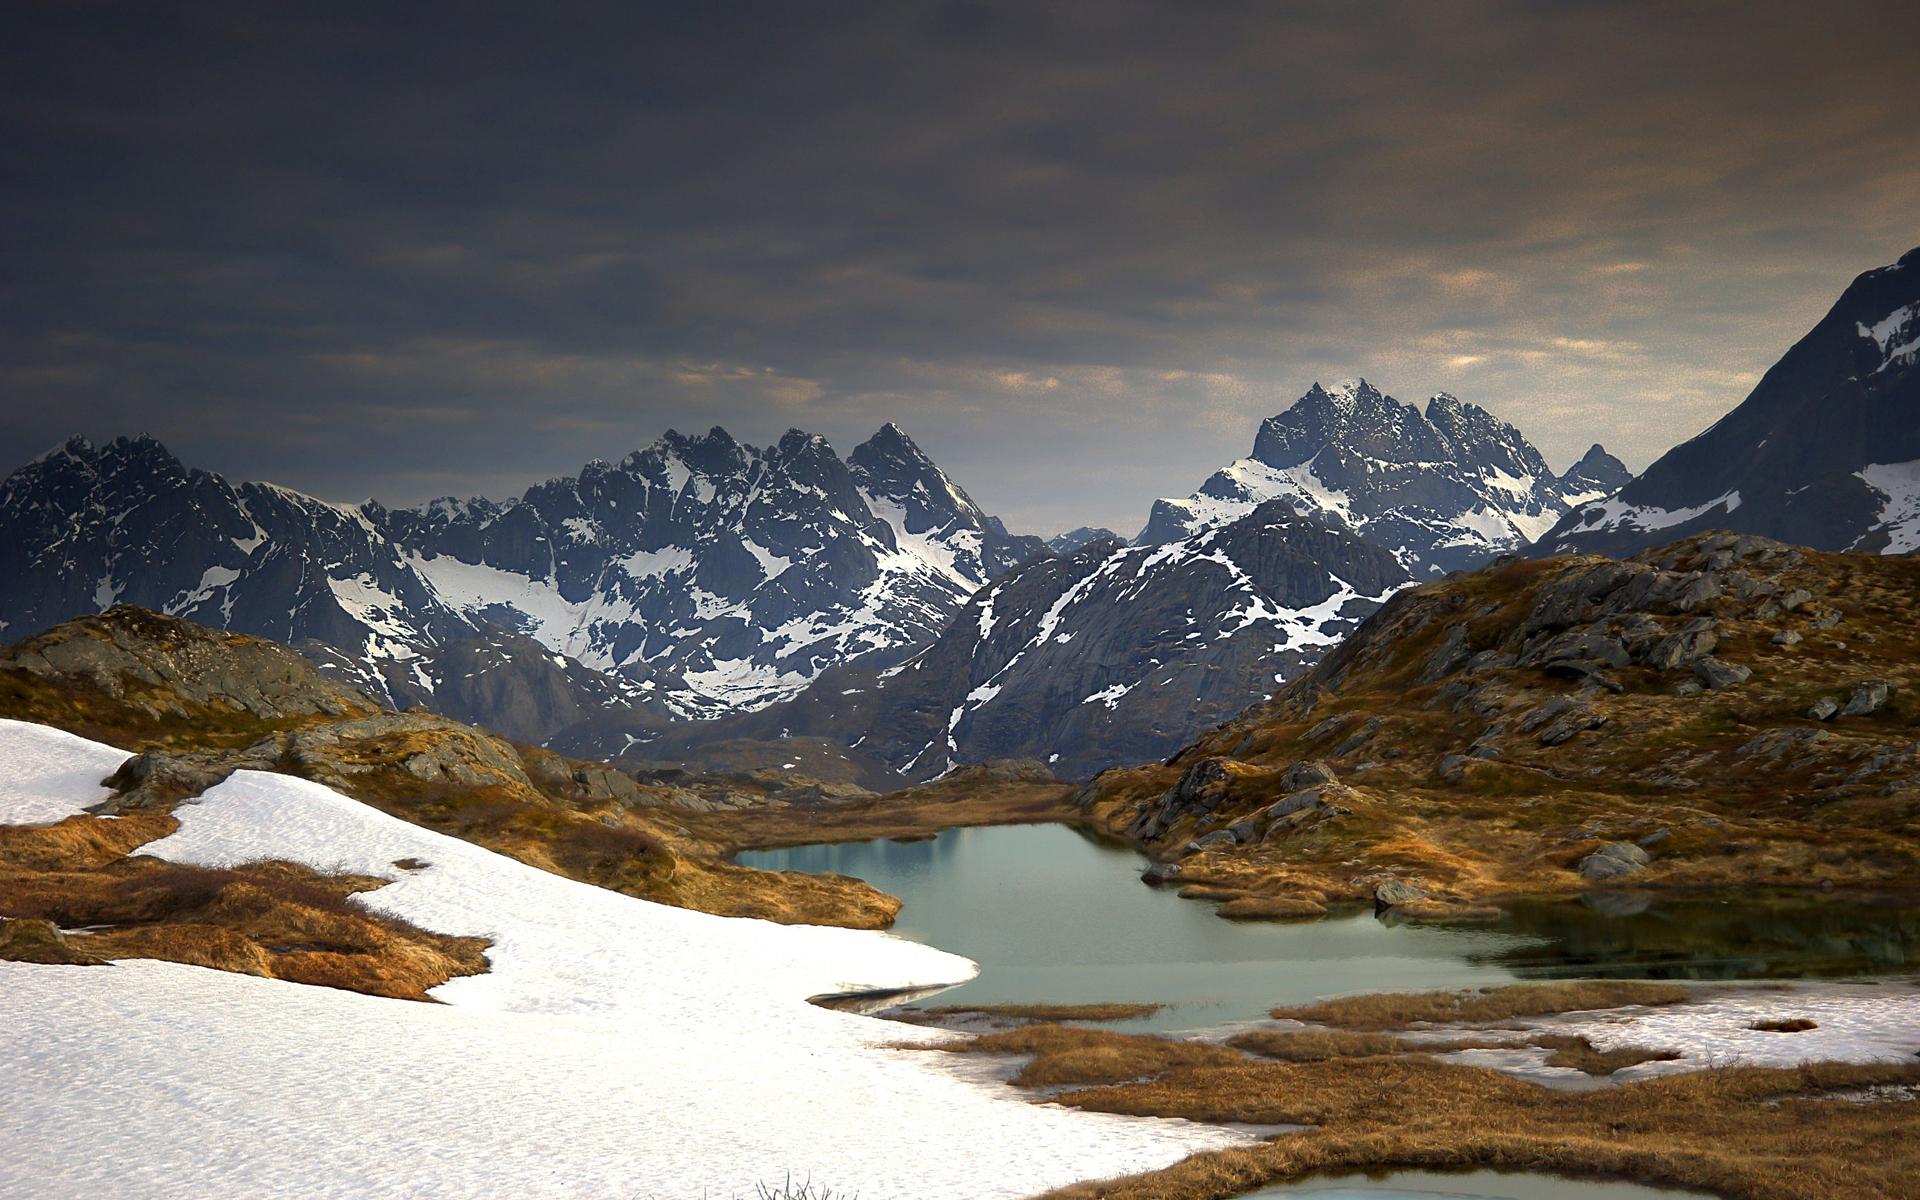 22776 скачать обои Пейзаж, Горы, Снег, Озера - заставки и картинки бесплатно